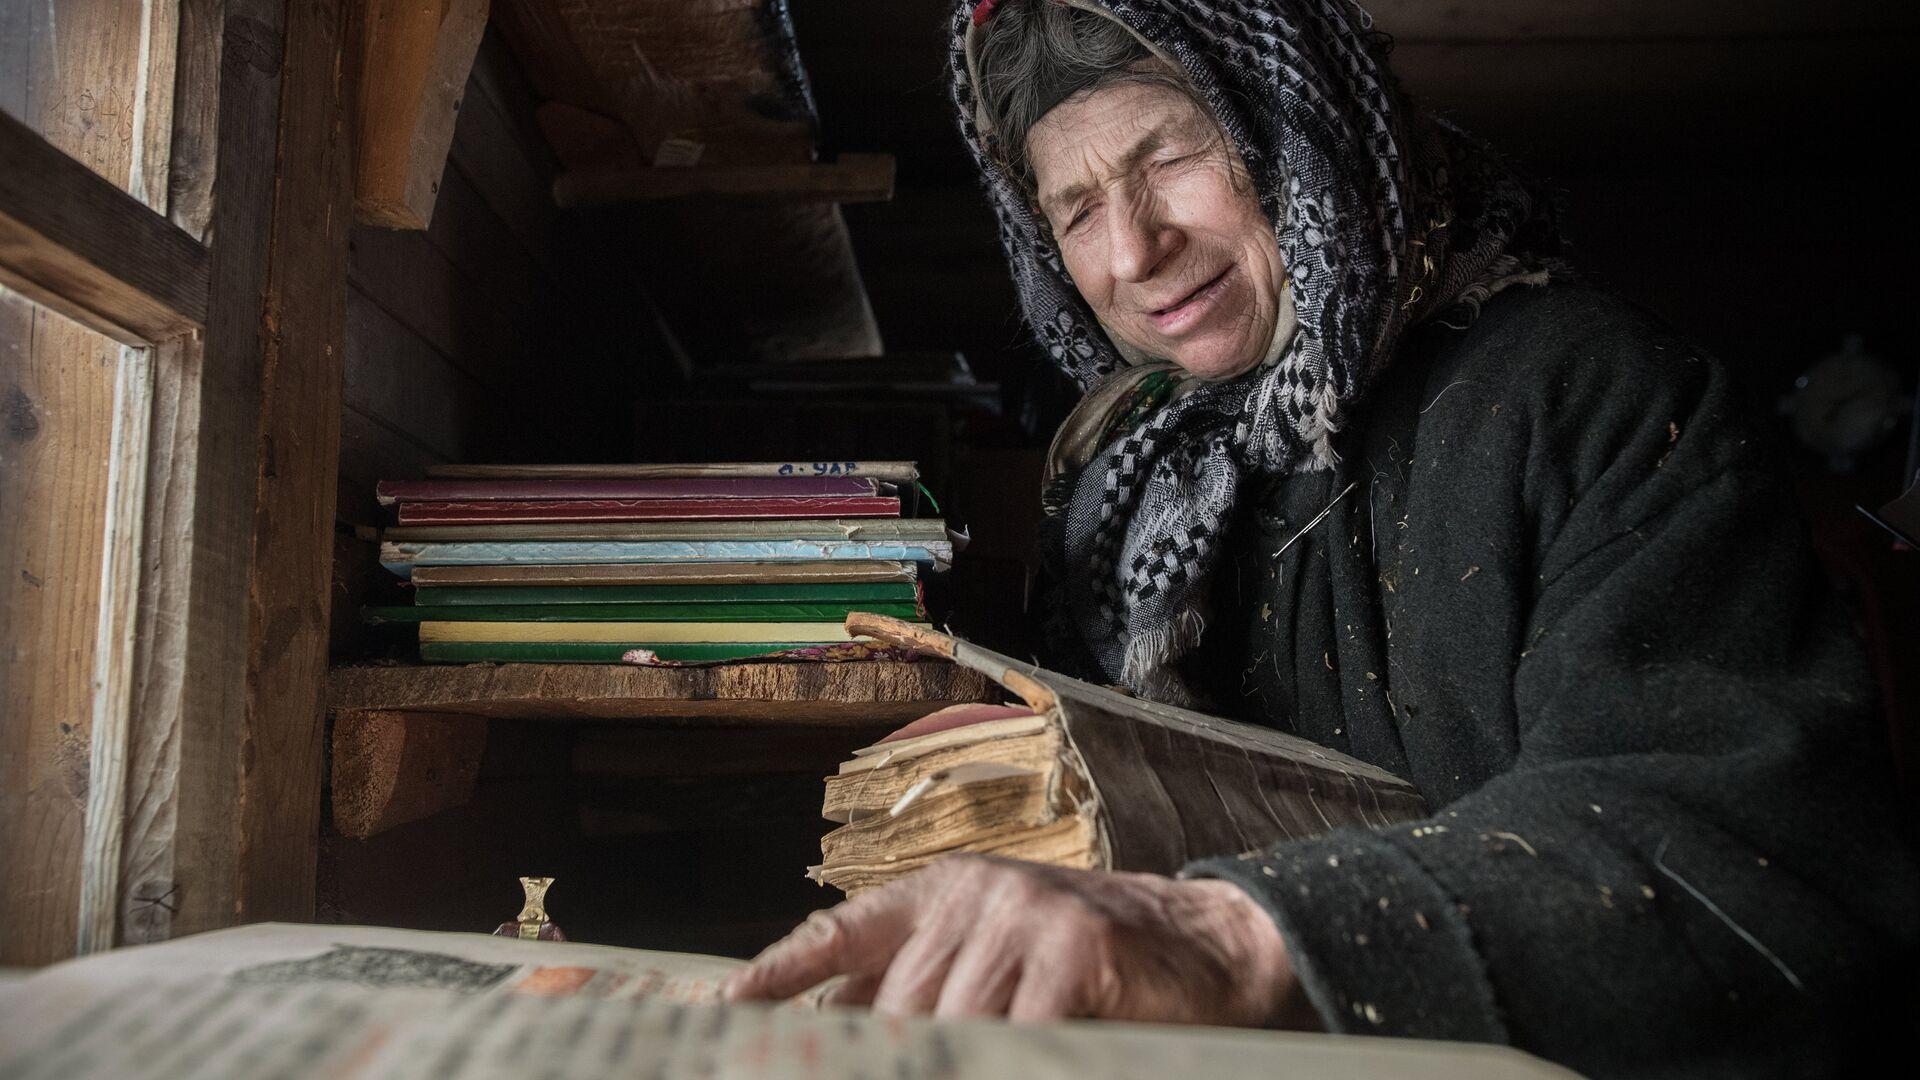 Отшельница из семьи староверов Агафья Лыкова во время молитвы - РИА Новости, 1920, 07.07.2020